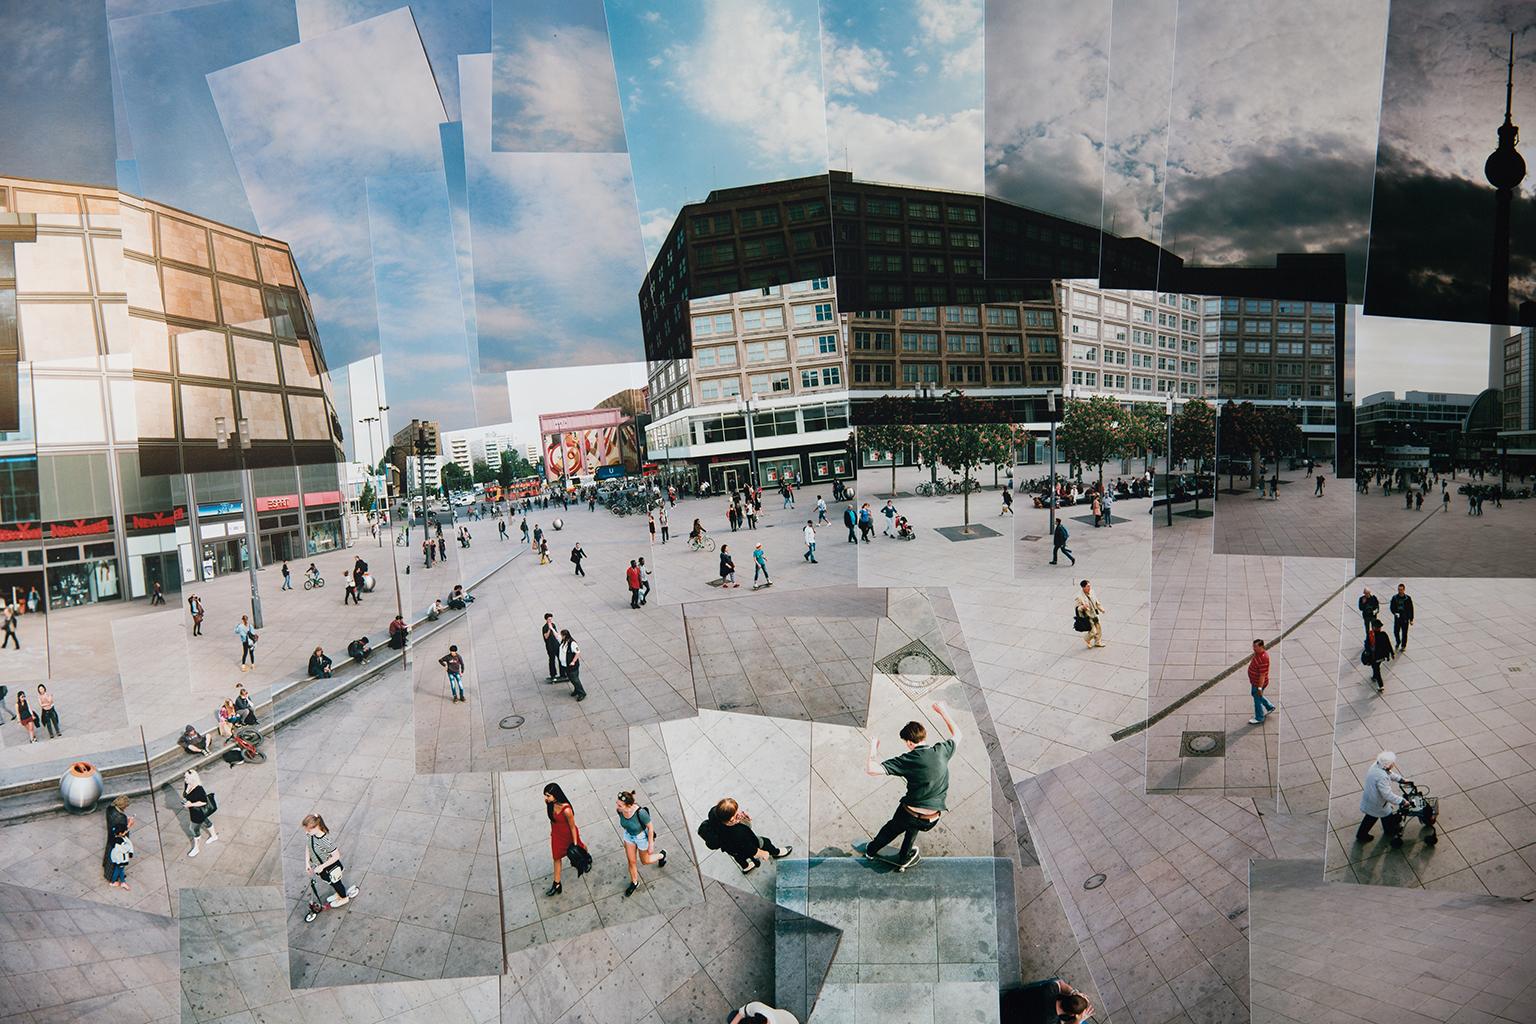 BILDER_david-hockney_collage_alexanderplatz_highres-1